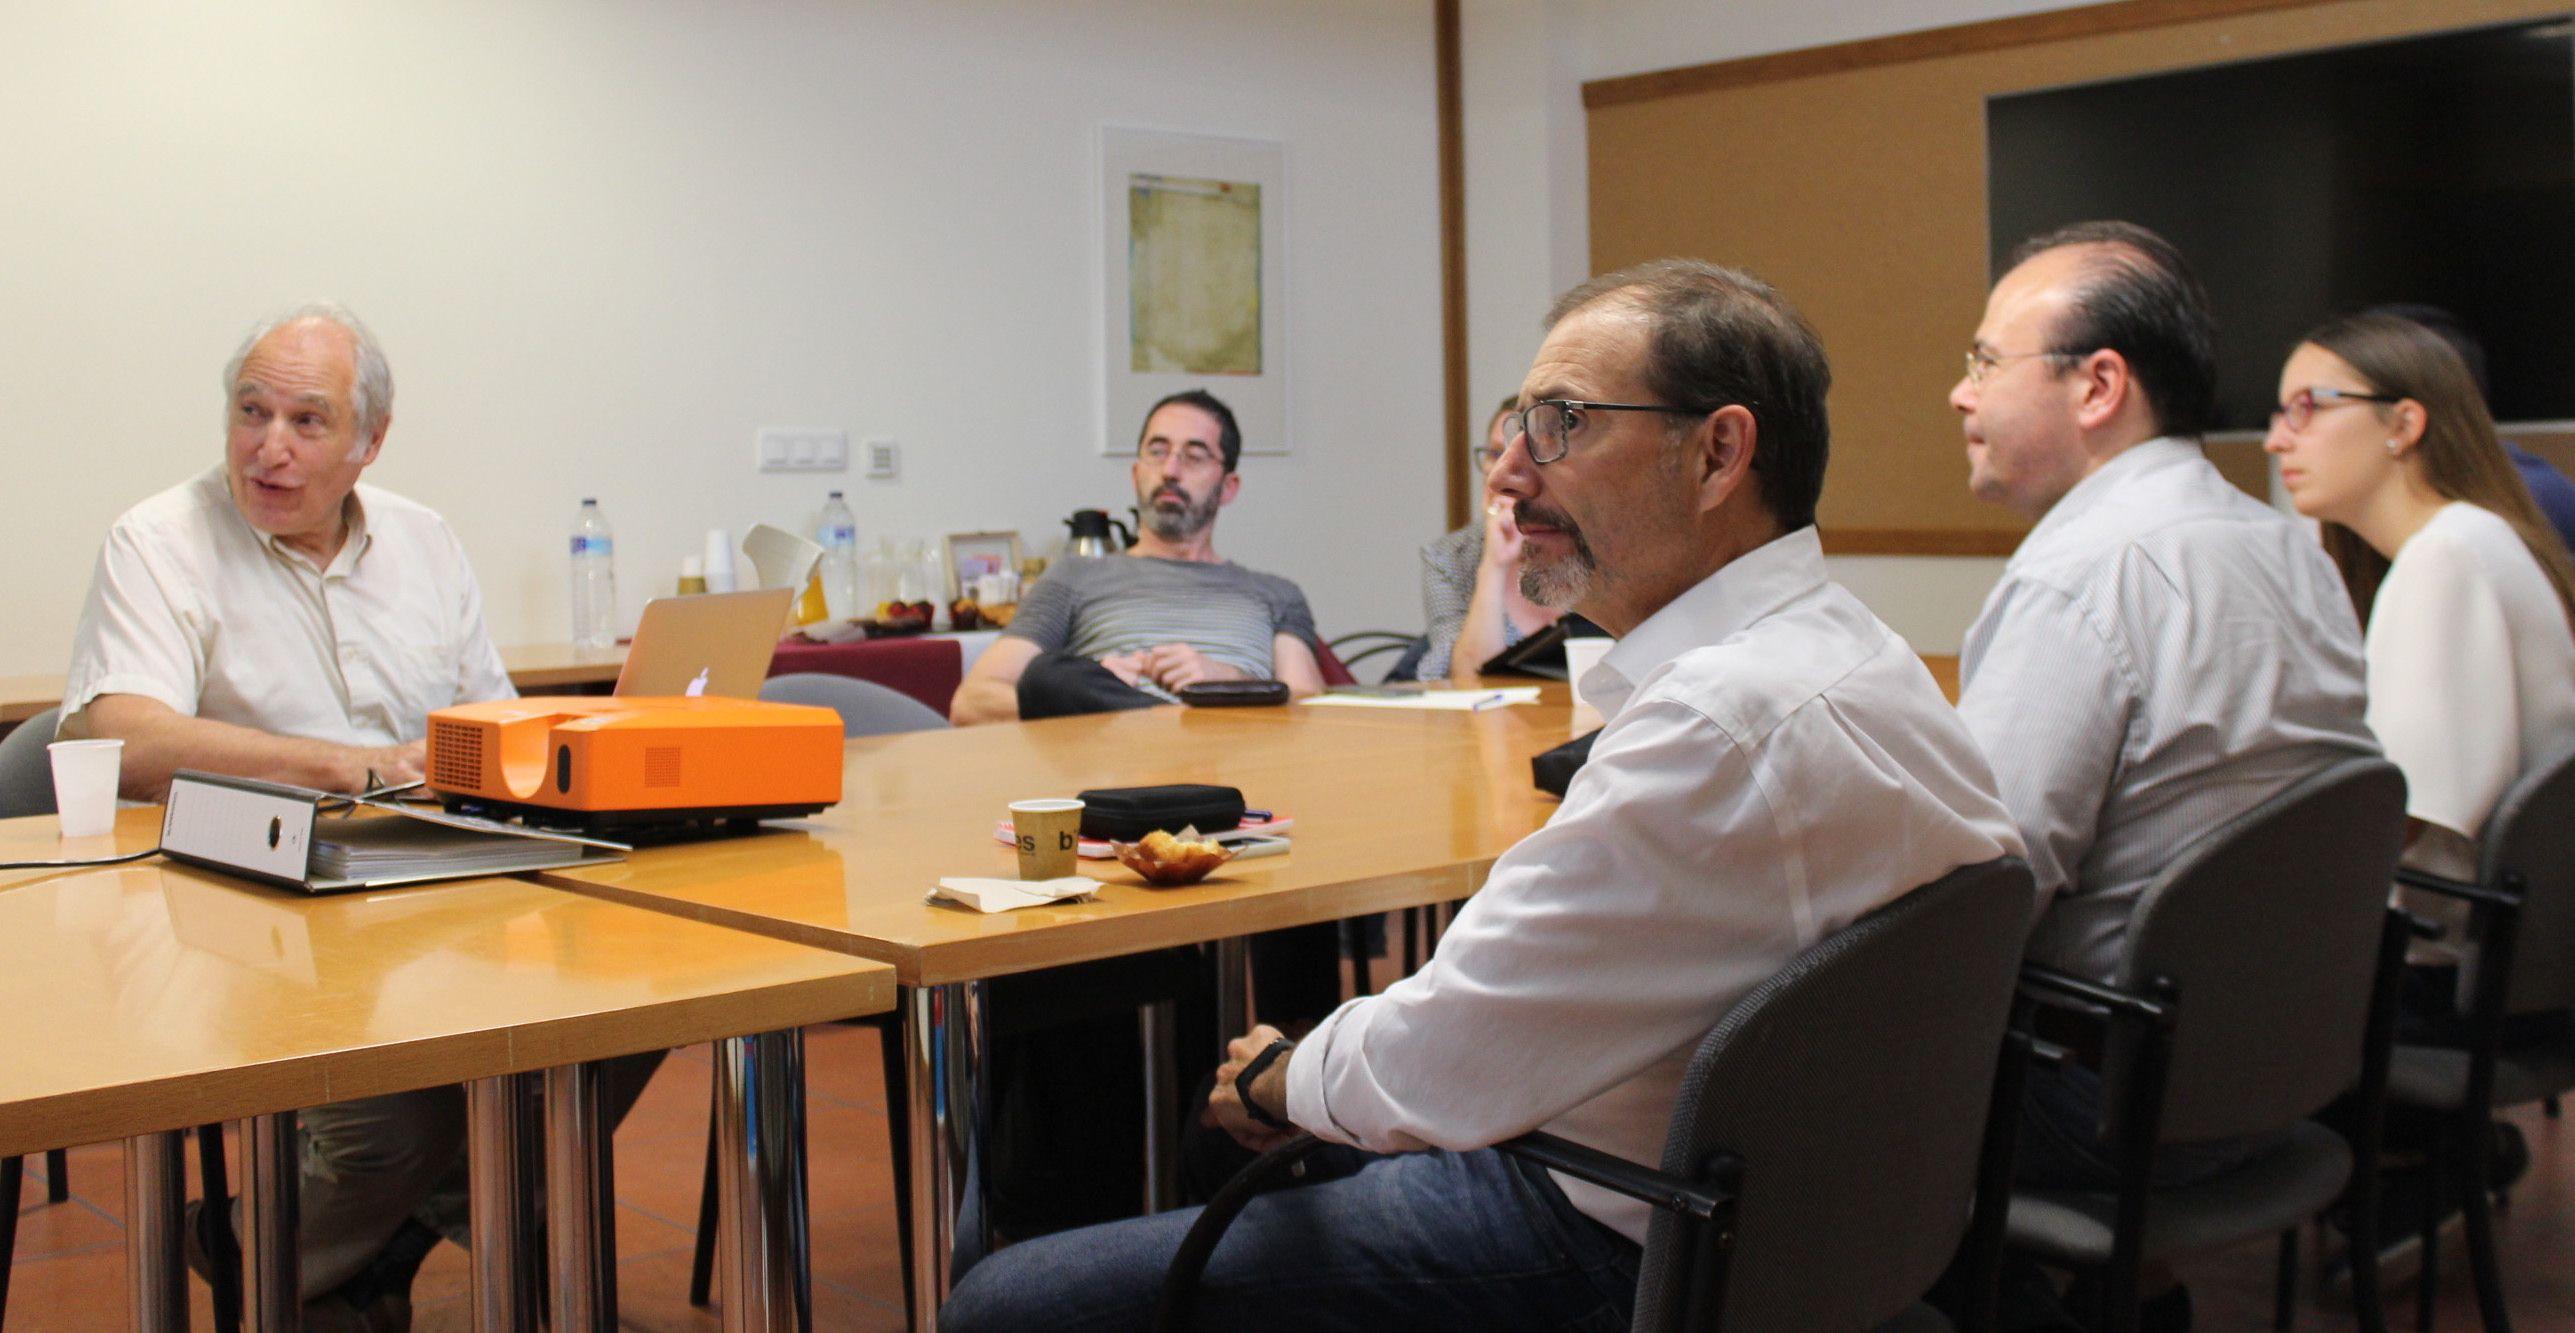 Hermann Matthies, en la sesión de trabajo con los investigadores de la Cátedra ESI-CEU.